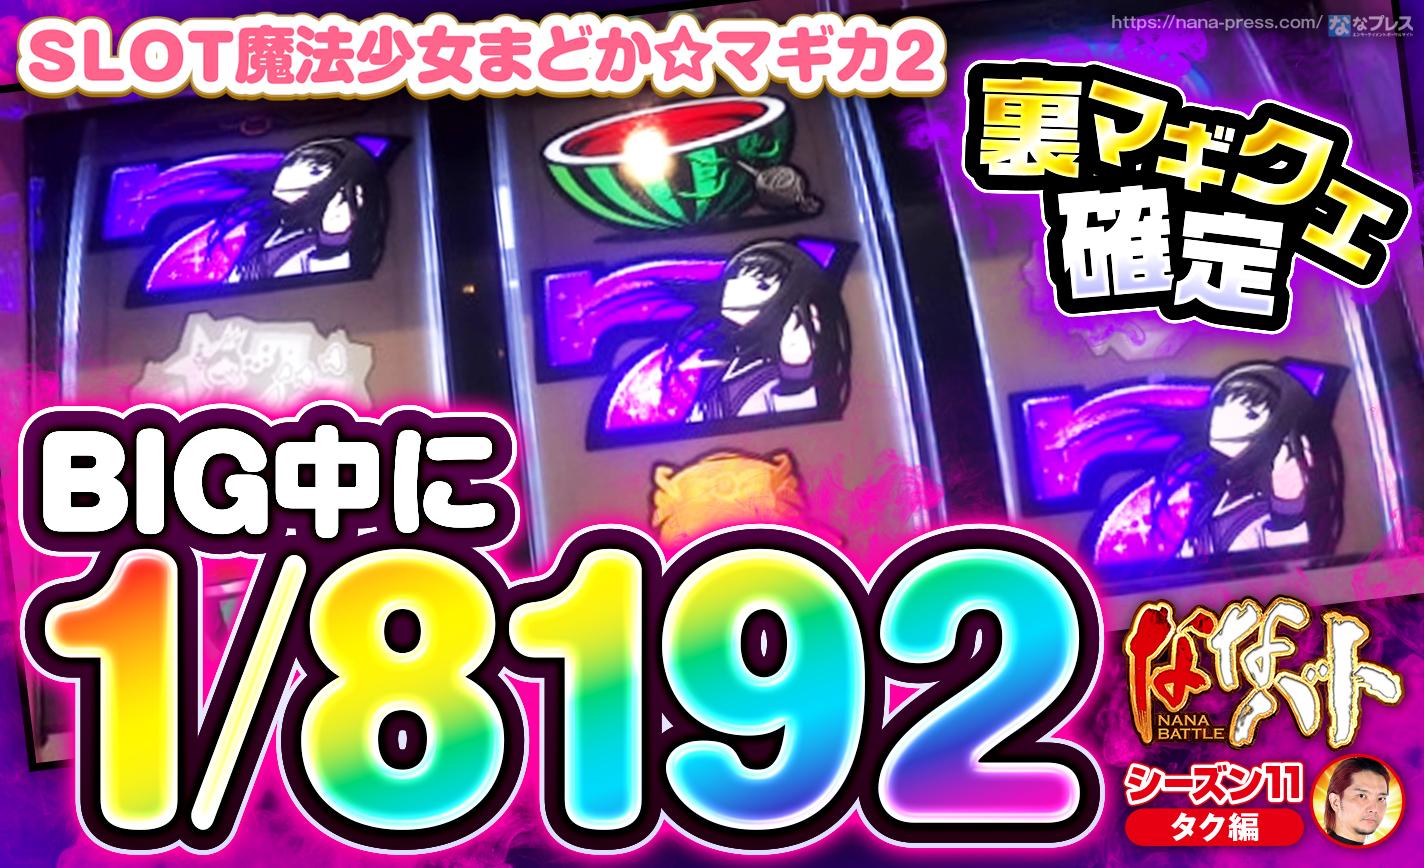 【まどマギ2】裏マギカクエストの1確!?1/8192のビッグ中斜め7揃いを紫7で揃えた結果